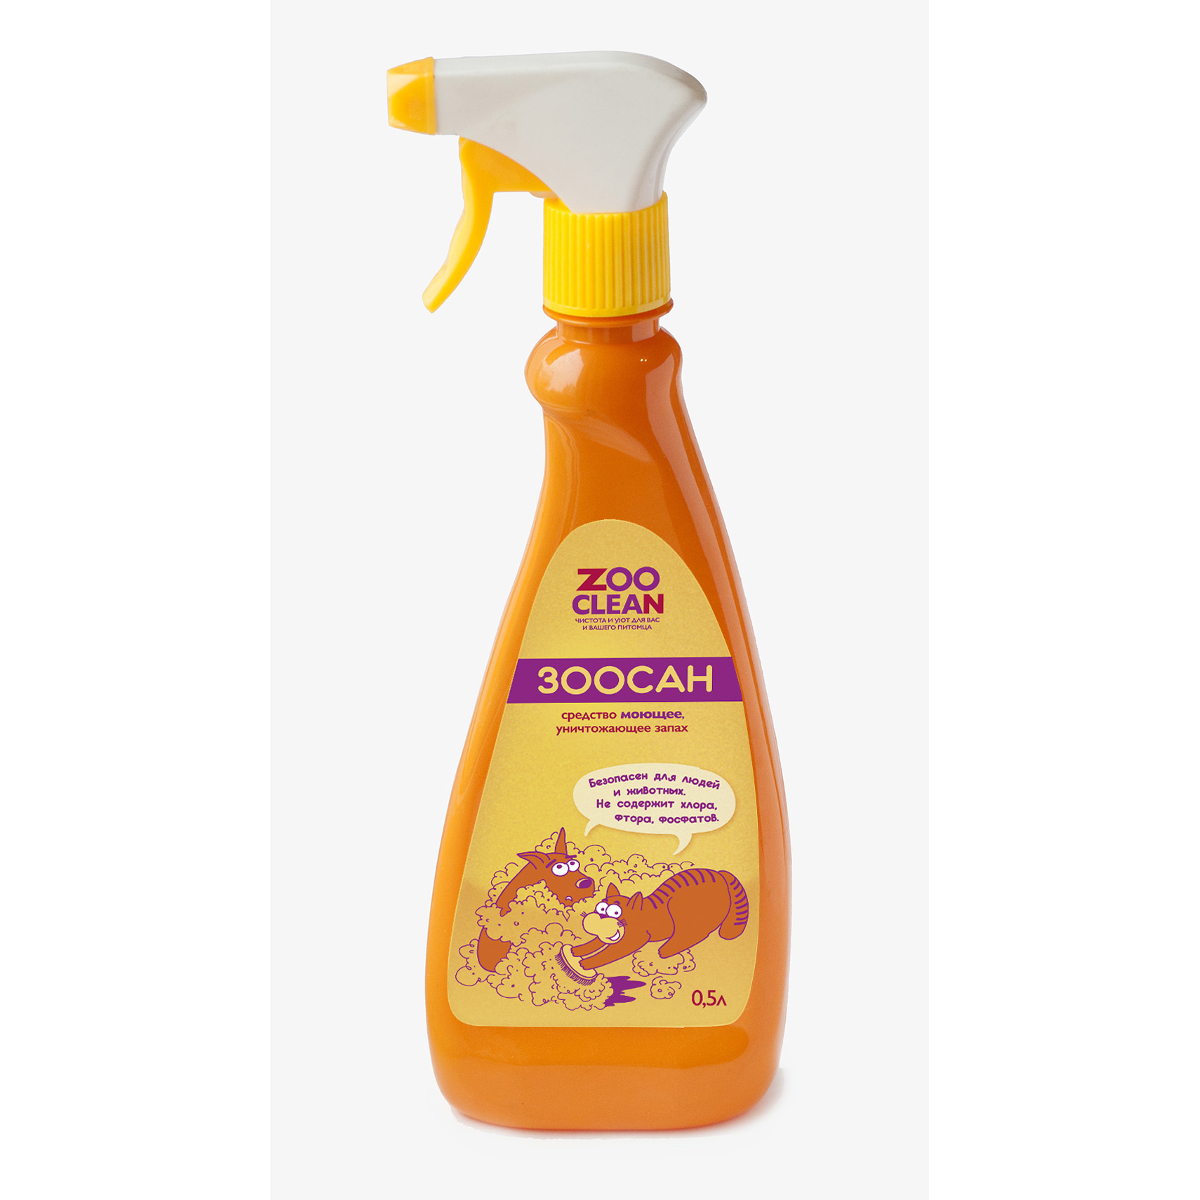 Моющее средство Zoo Clean ЗооСан, уничтожающее запах, 500 мл средство для уничтожения запахов zoo clean дезосан 500 мл